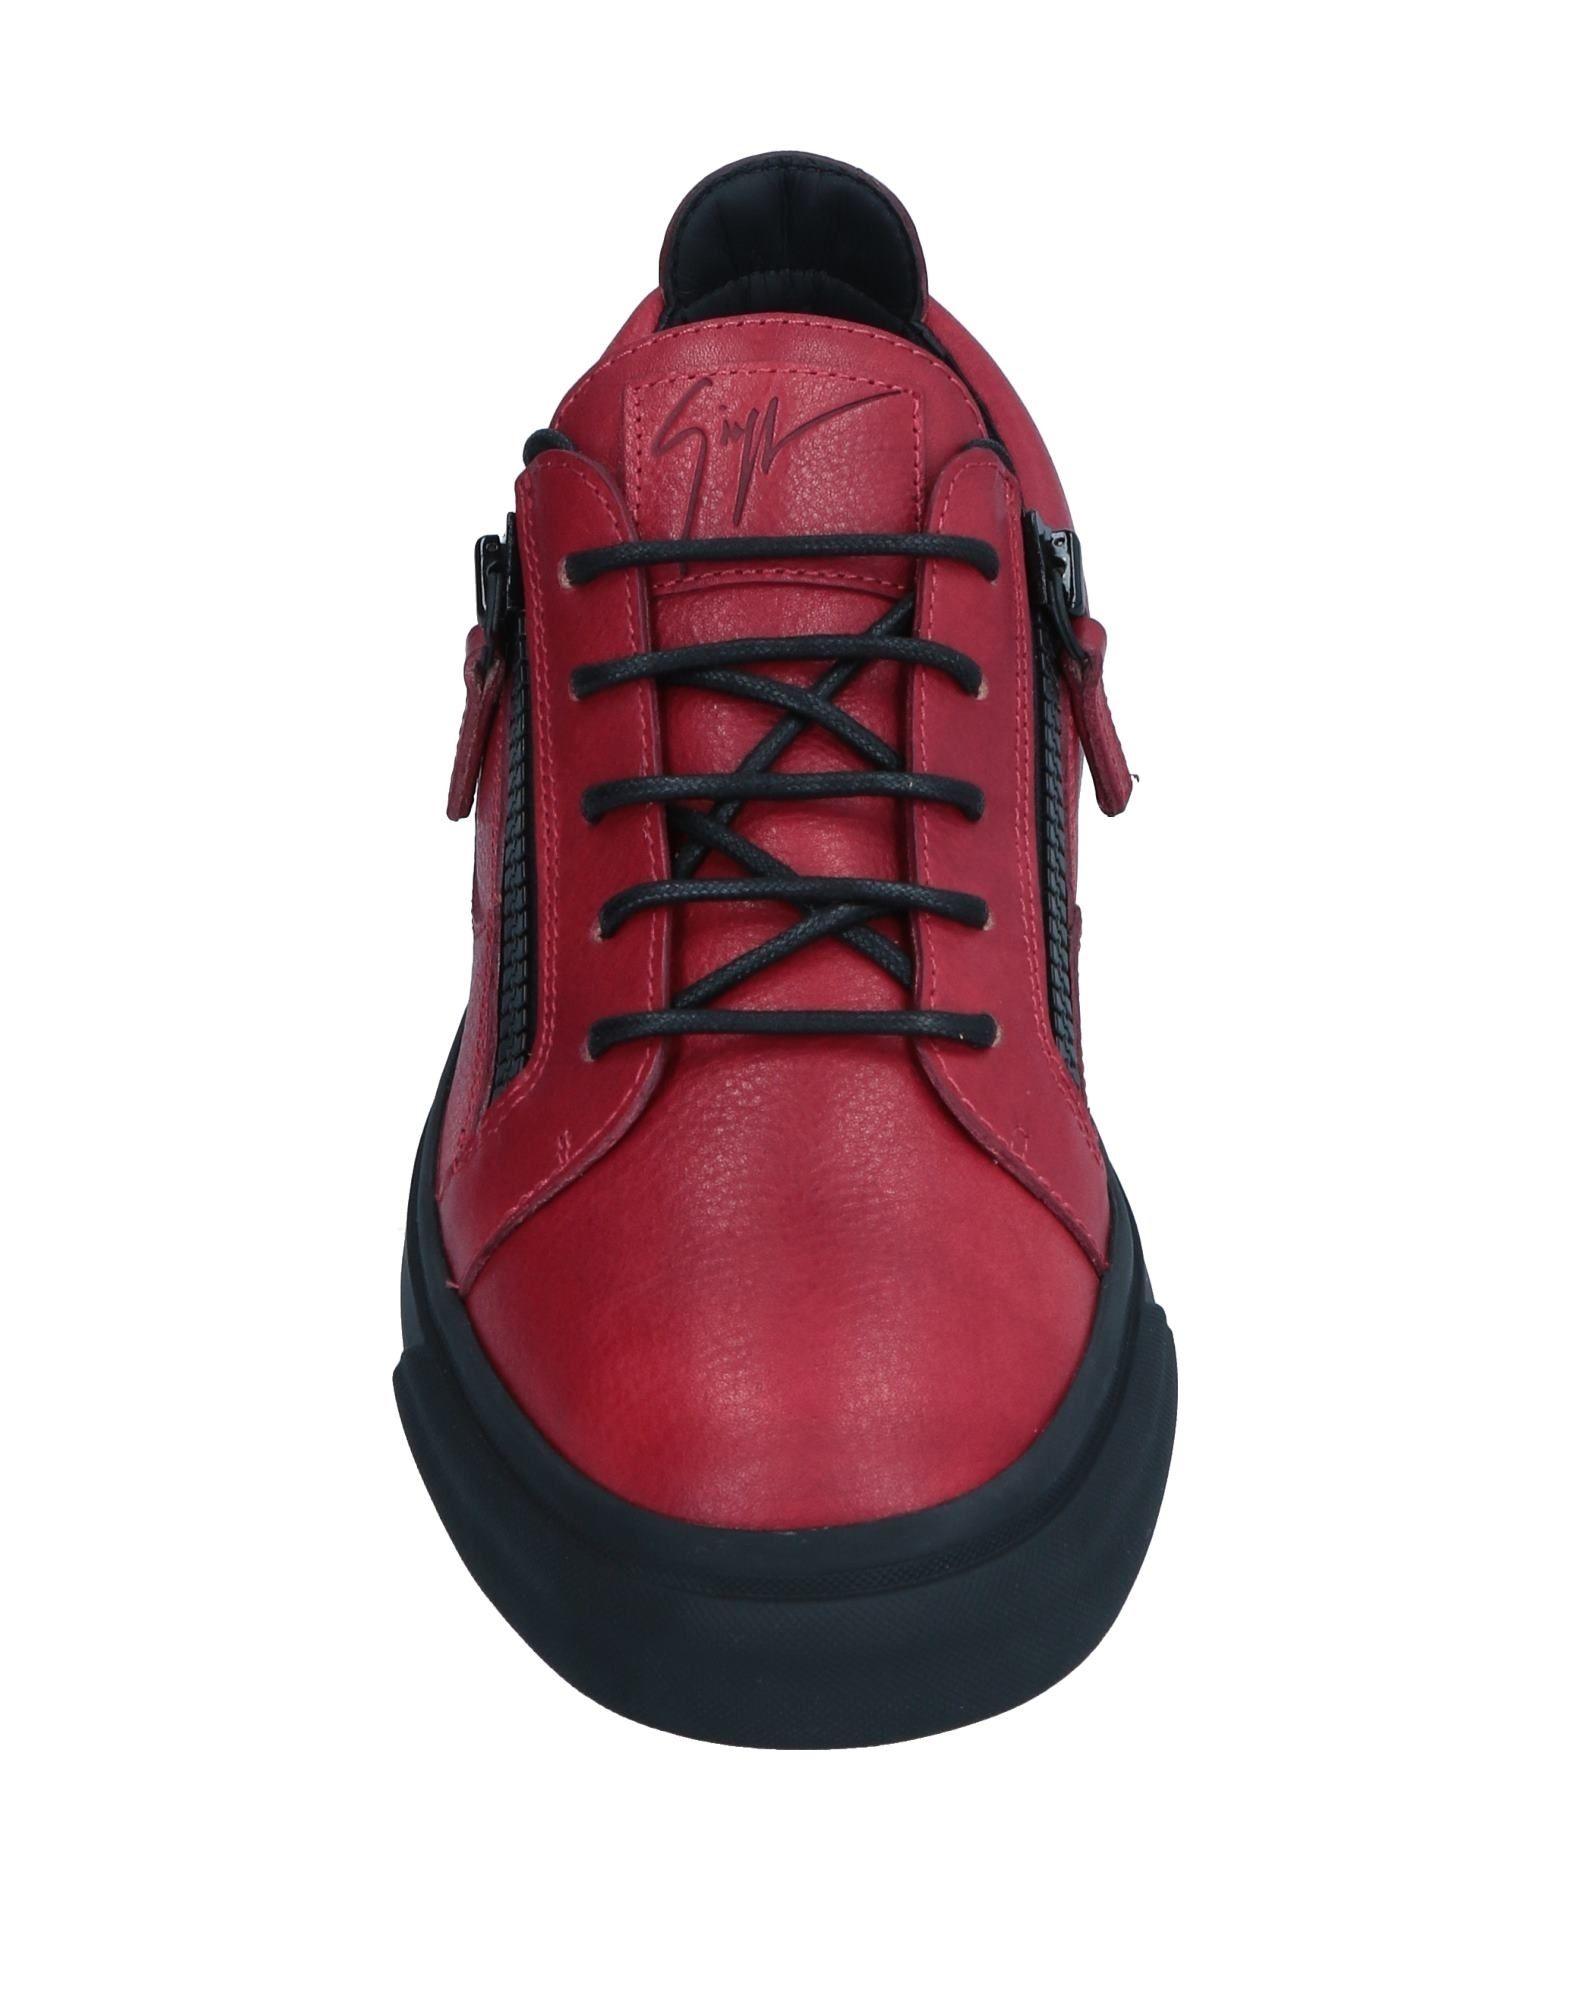 Giuseppe Zanotti Sneakers Herren  Schuhe 11545493GF Gute Qualität beliebte Schuhe  a6b706